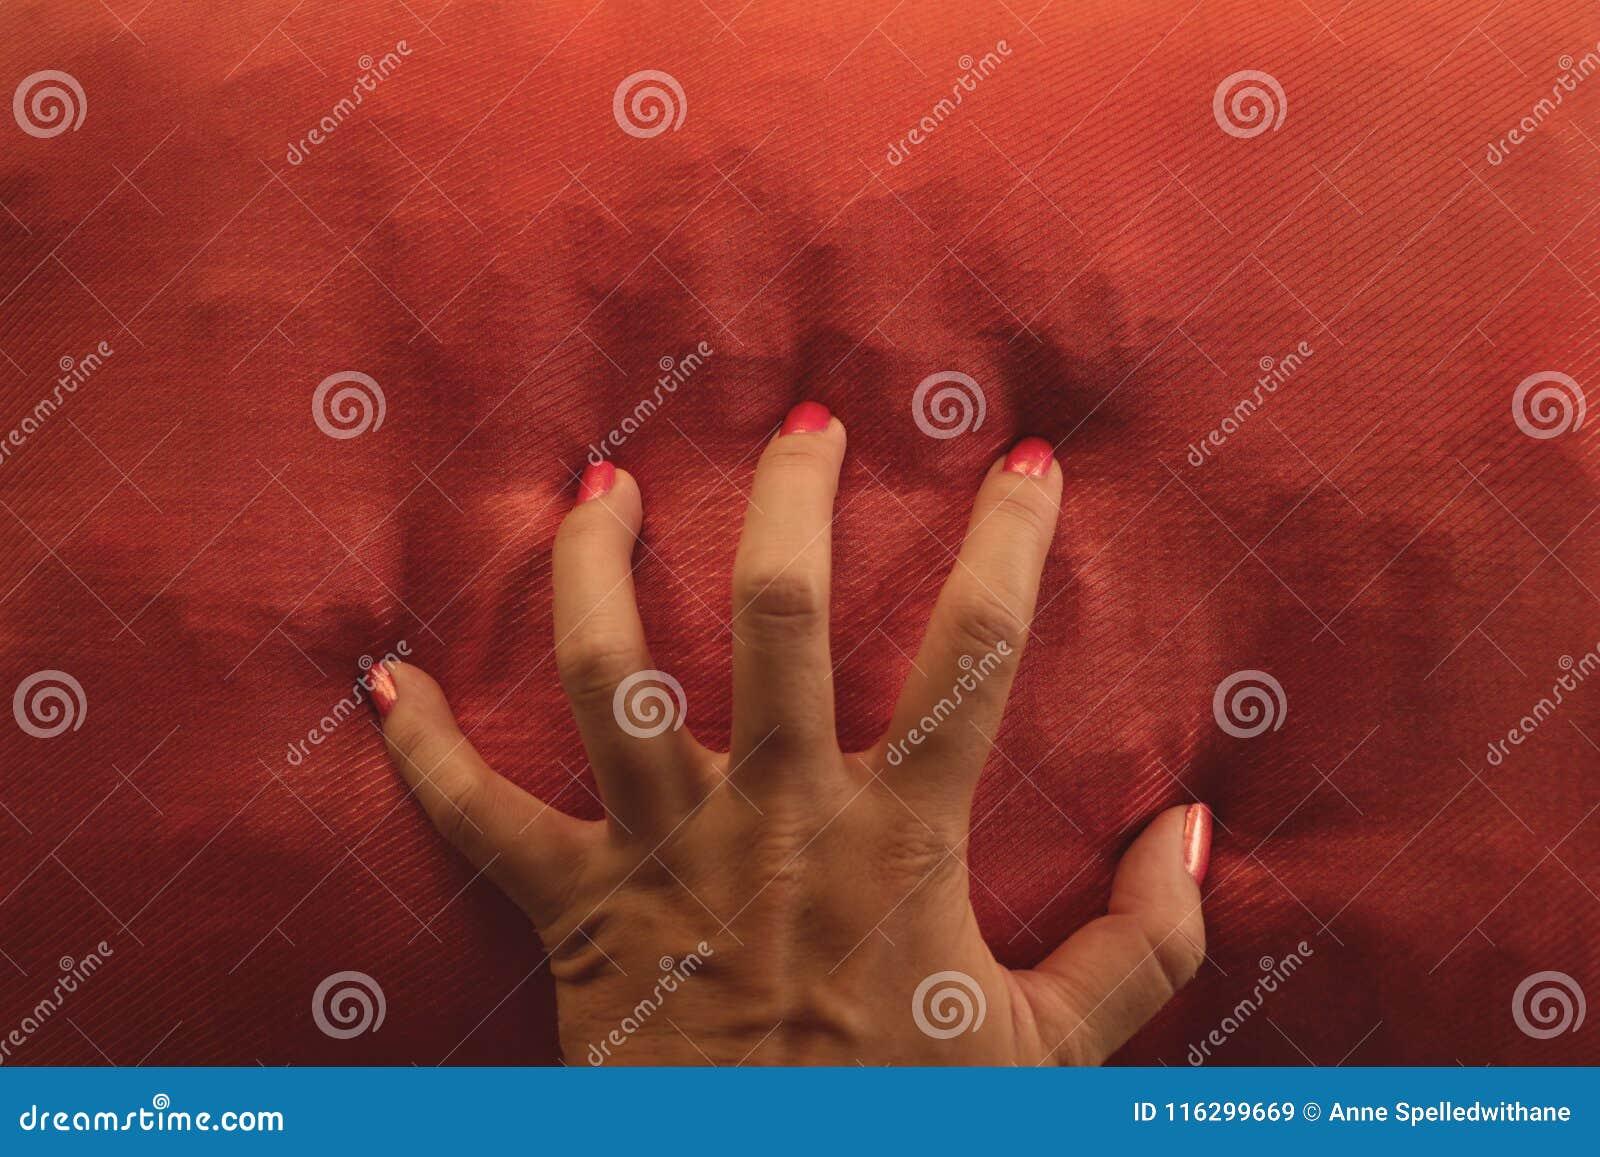 Main orange de vernis à ongles saisissant l oreiller orange - couleurs assorties